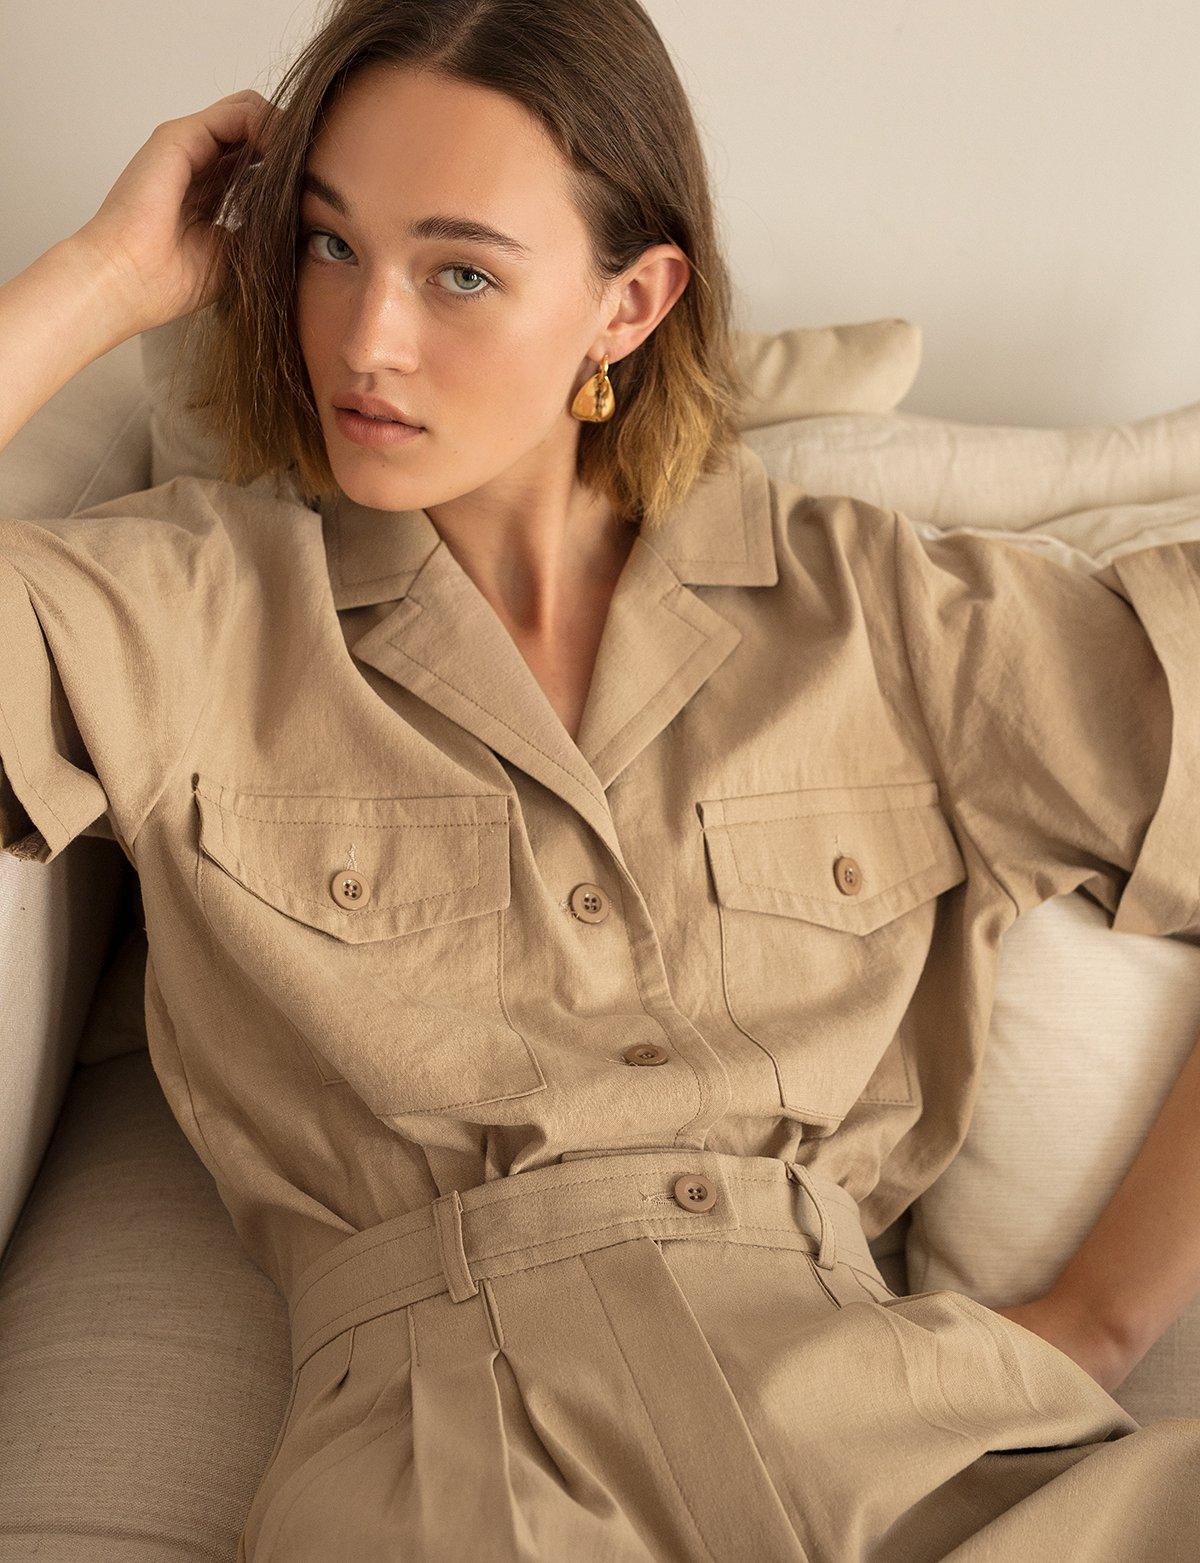 tan-linen-shirt.jpg